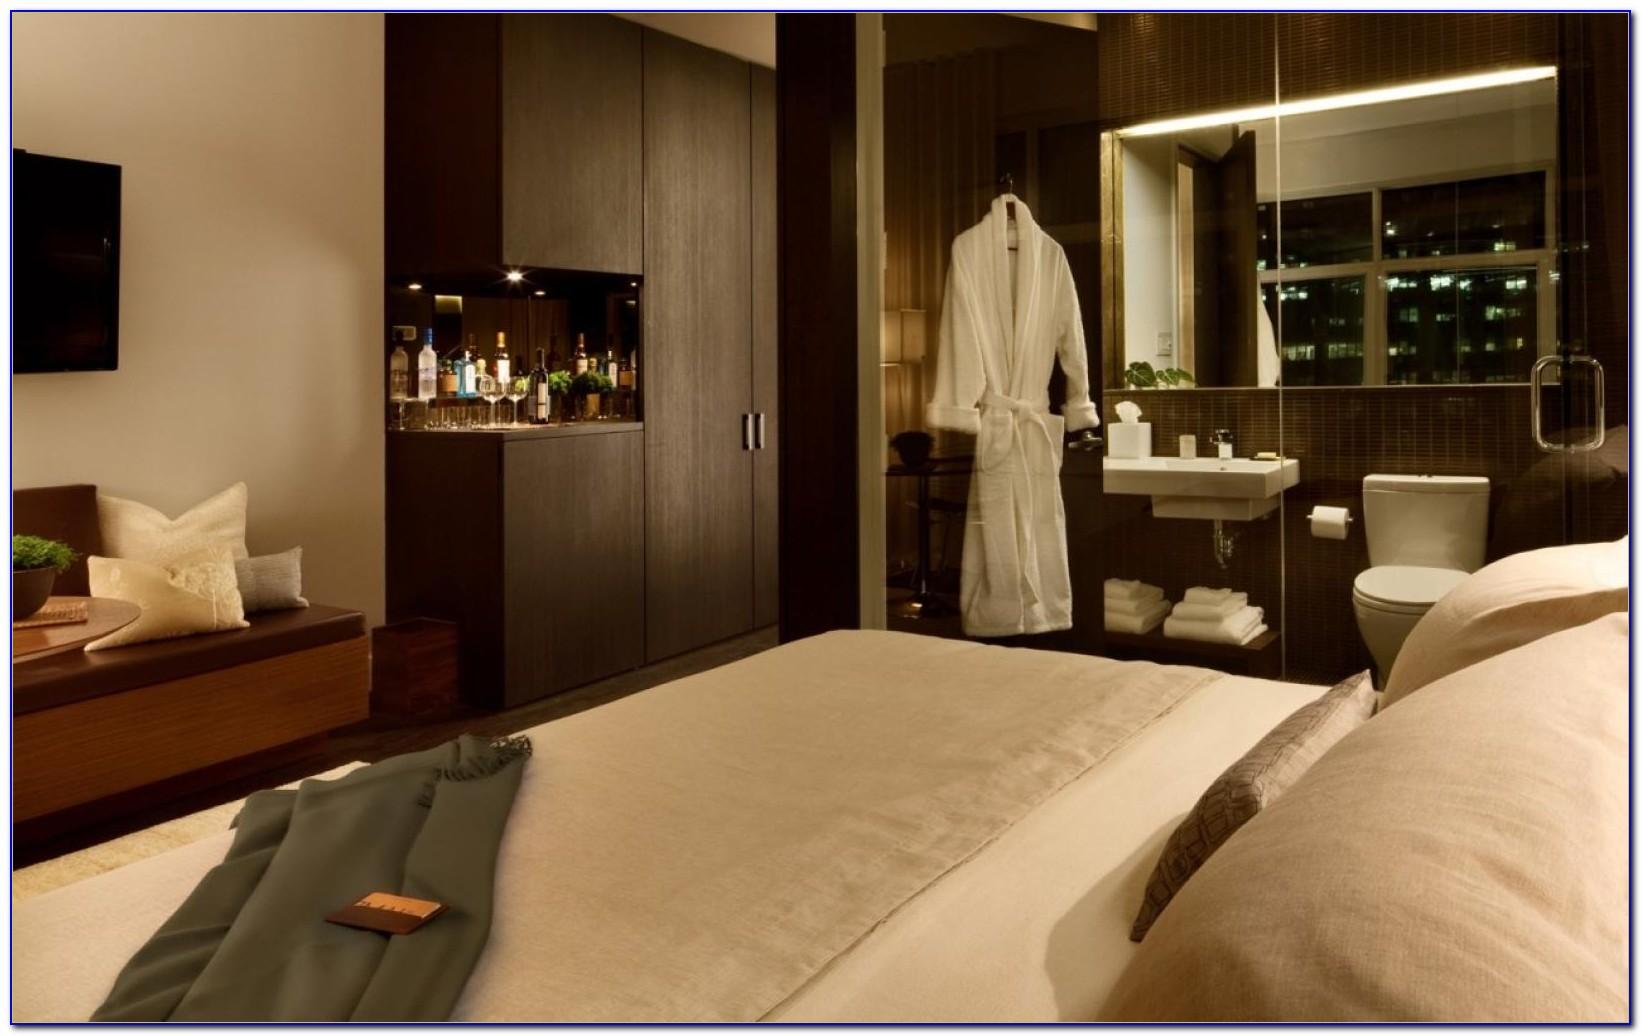 3 Bedroom Rental New York